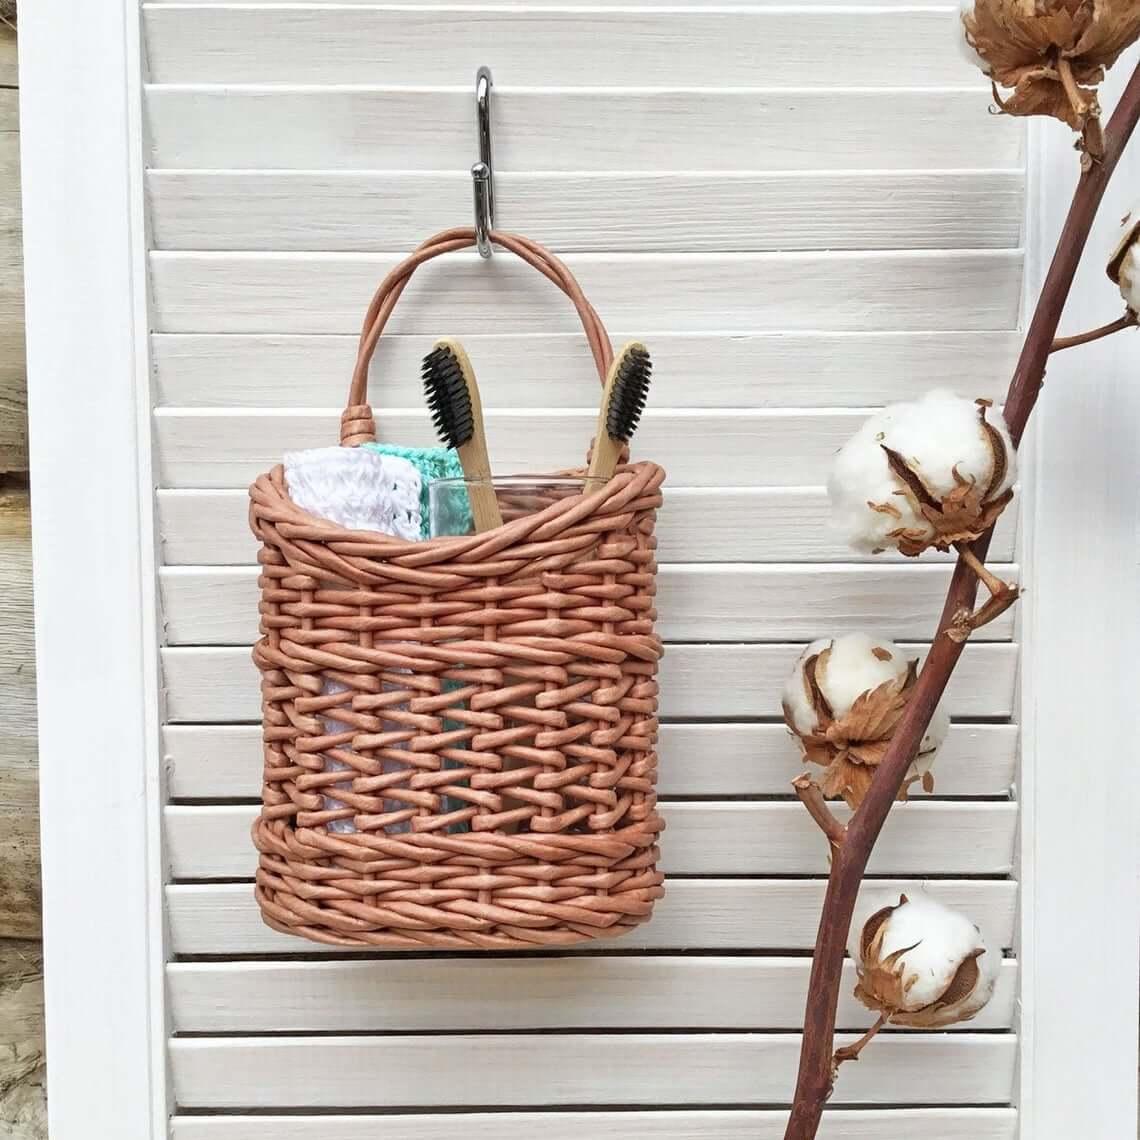 Oversized Hanging Basket on a Hook